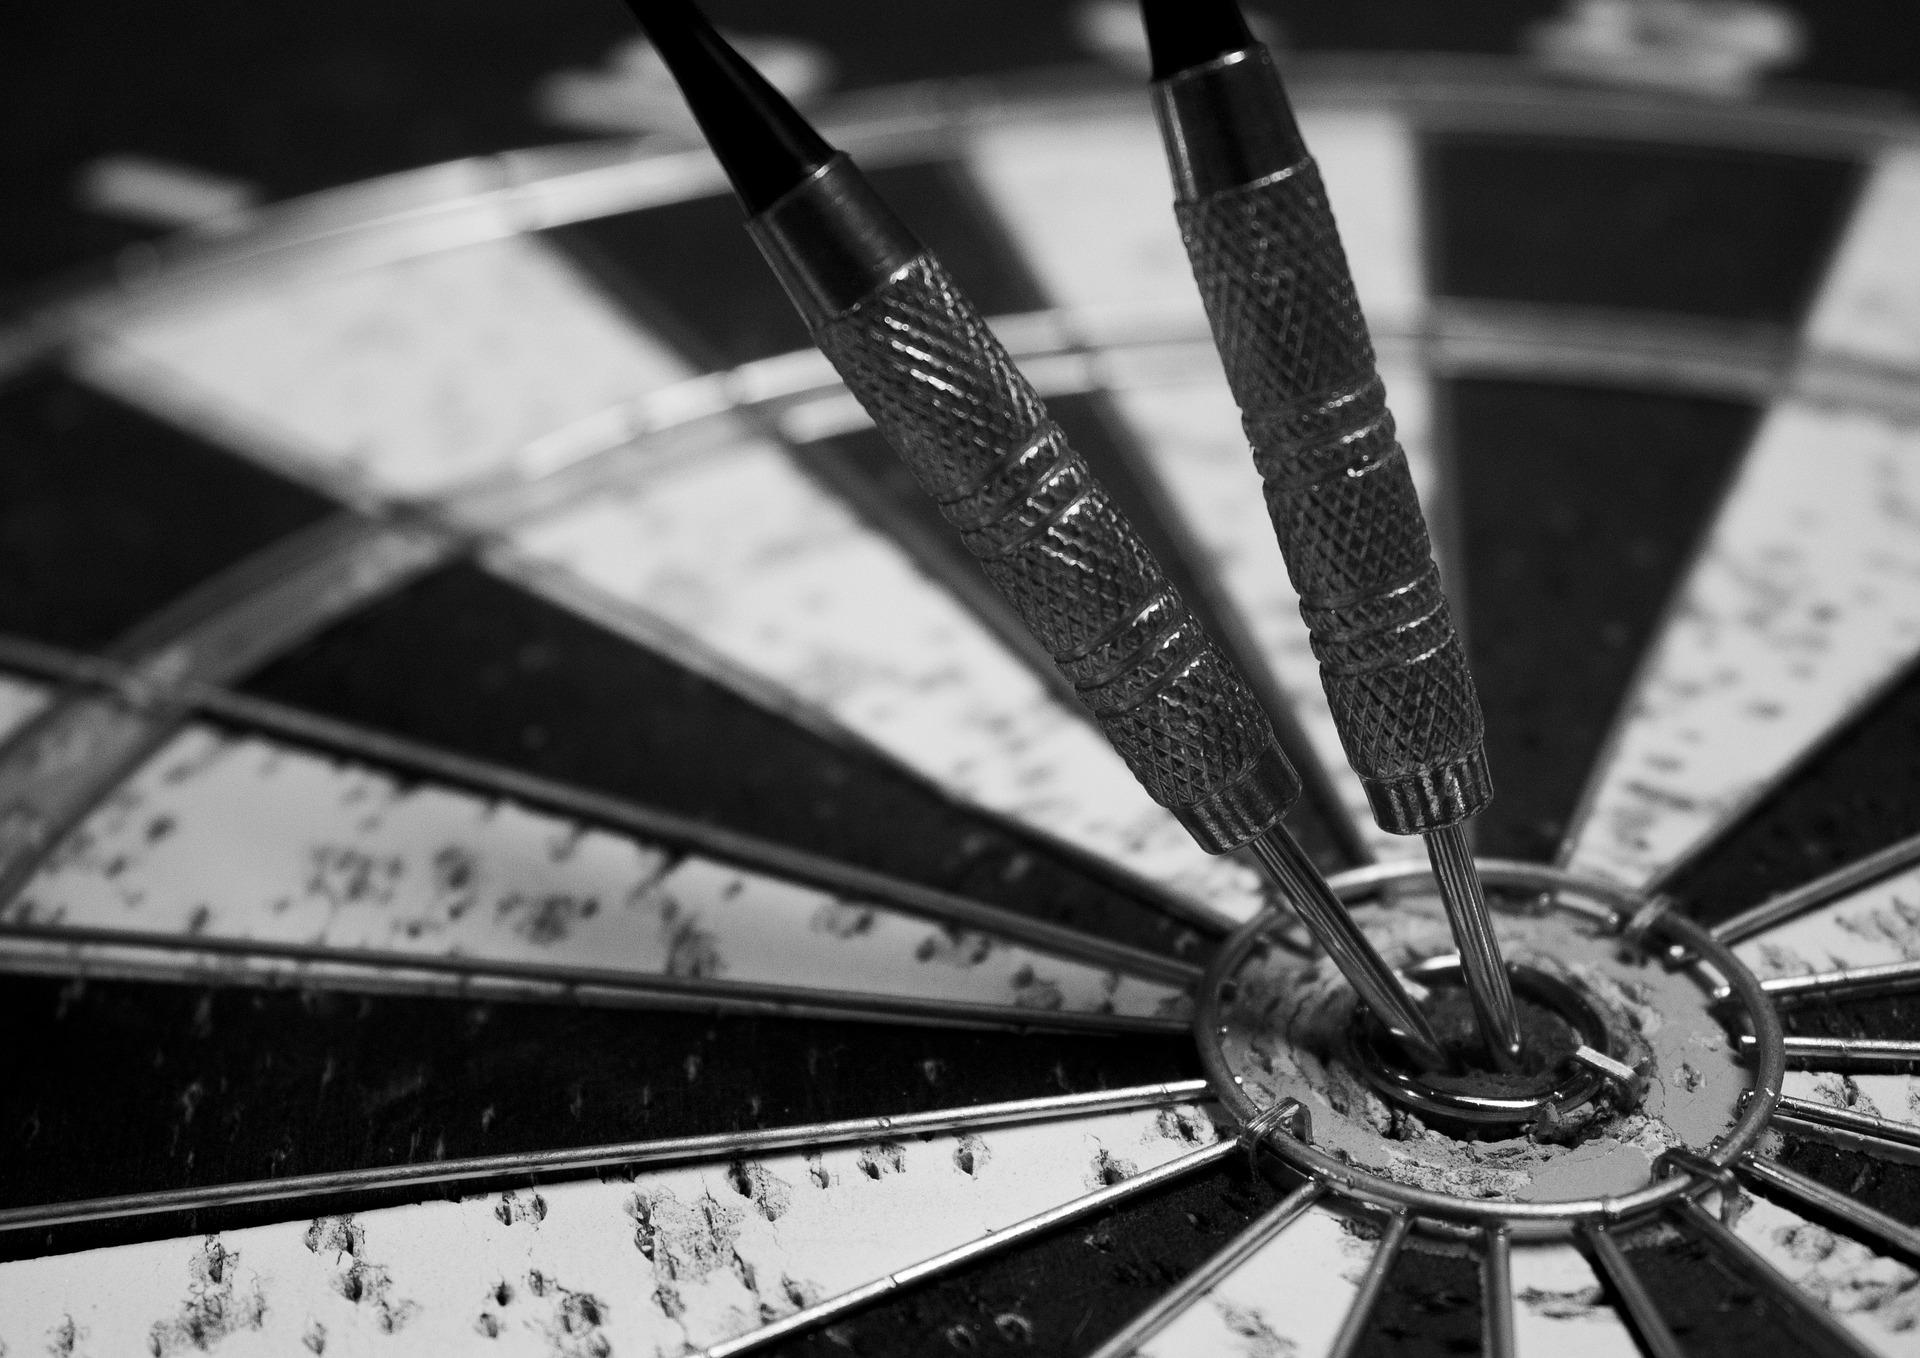 La relación socio vs. sociedad con actividad profesional y su tributación indirecta